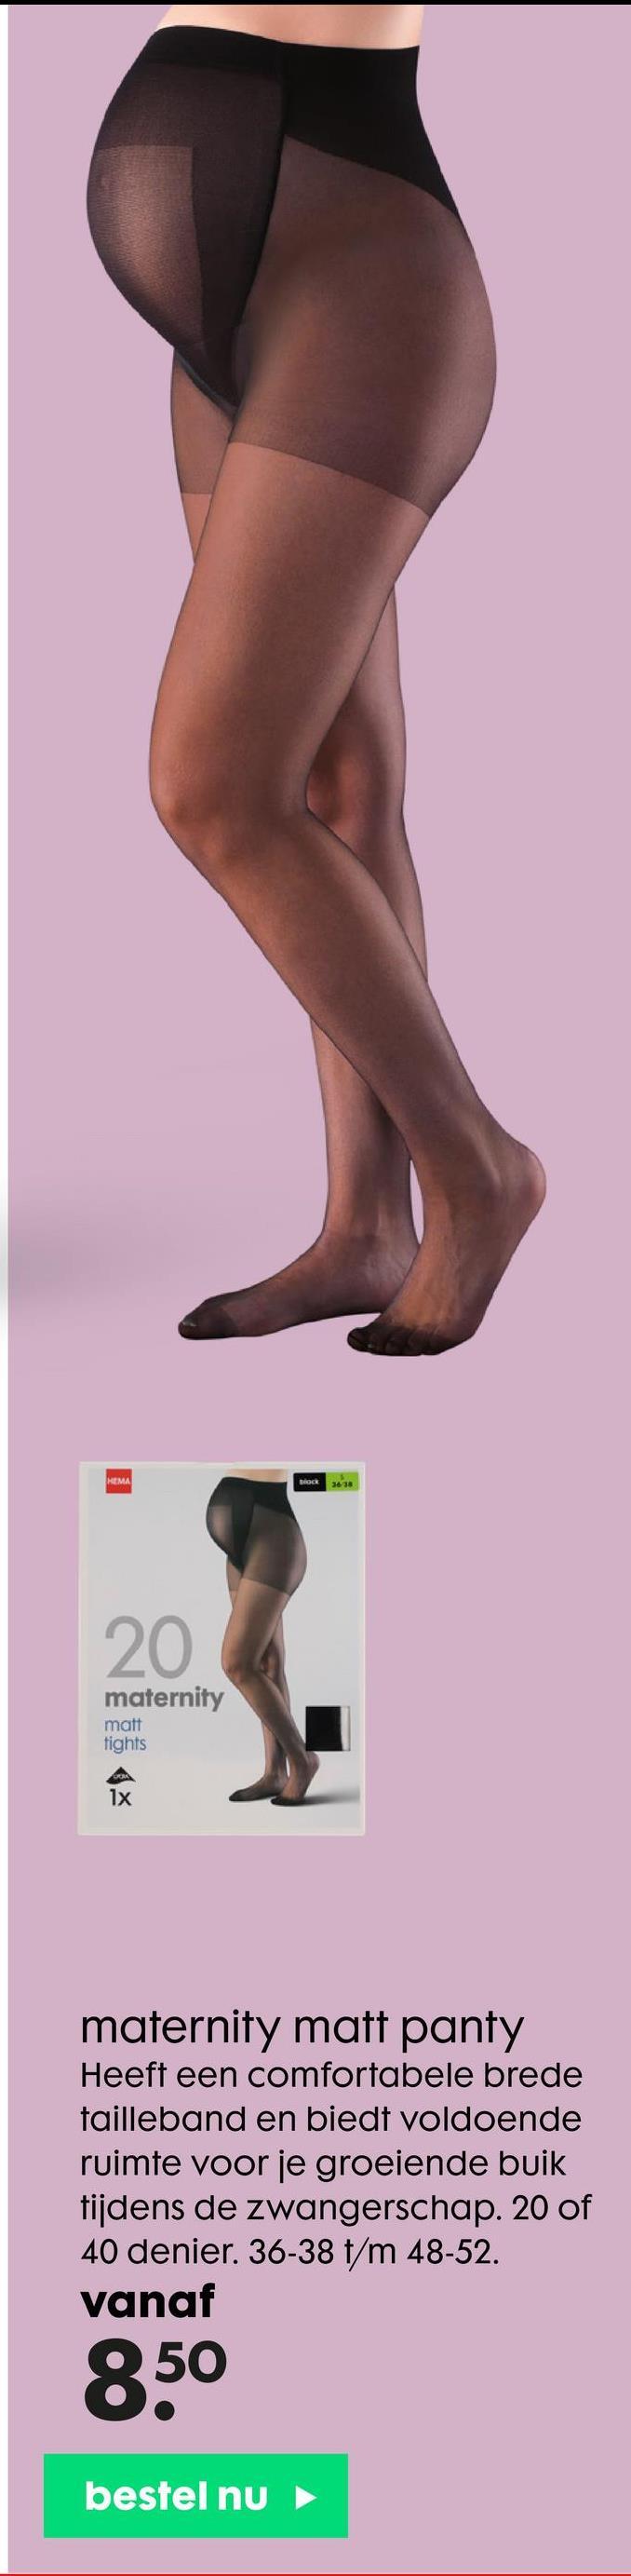 MEMA Bock 3638 20 maternity matt tights 1x maternity matt panty Heeft een comfortabele brede tailleband en biedt voldoende ruimte voor je groeiende buik tijdens de zwangerschap. 20 of 40 denier. 36-38 t/m 48-52. vanaf 850 bestel nu